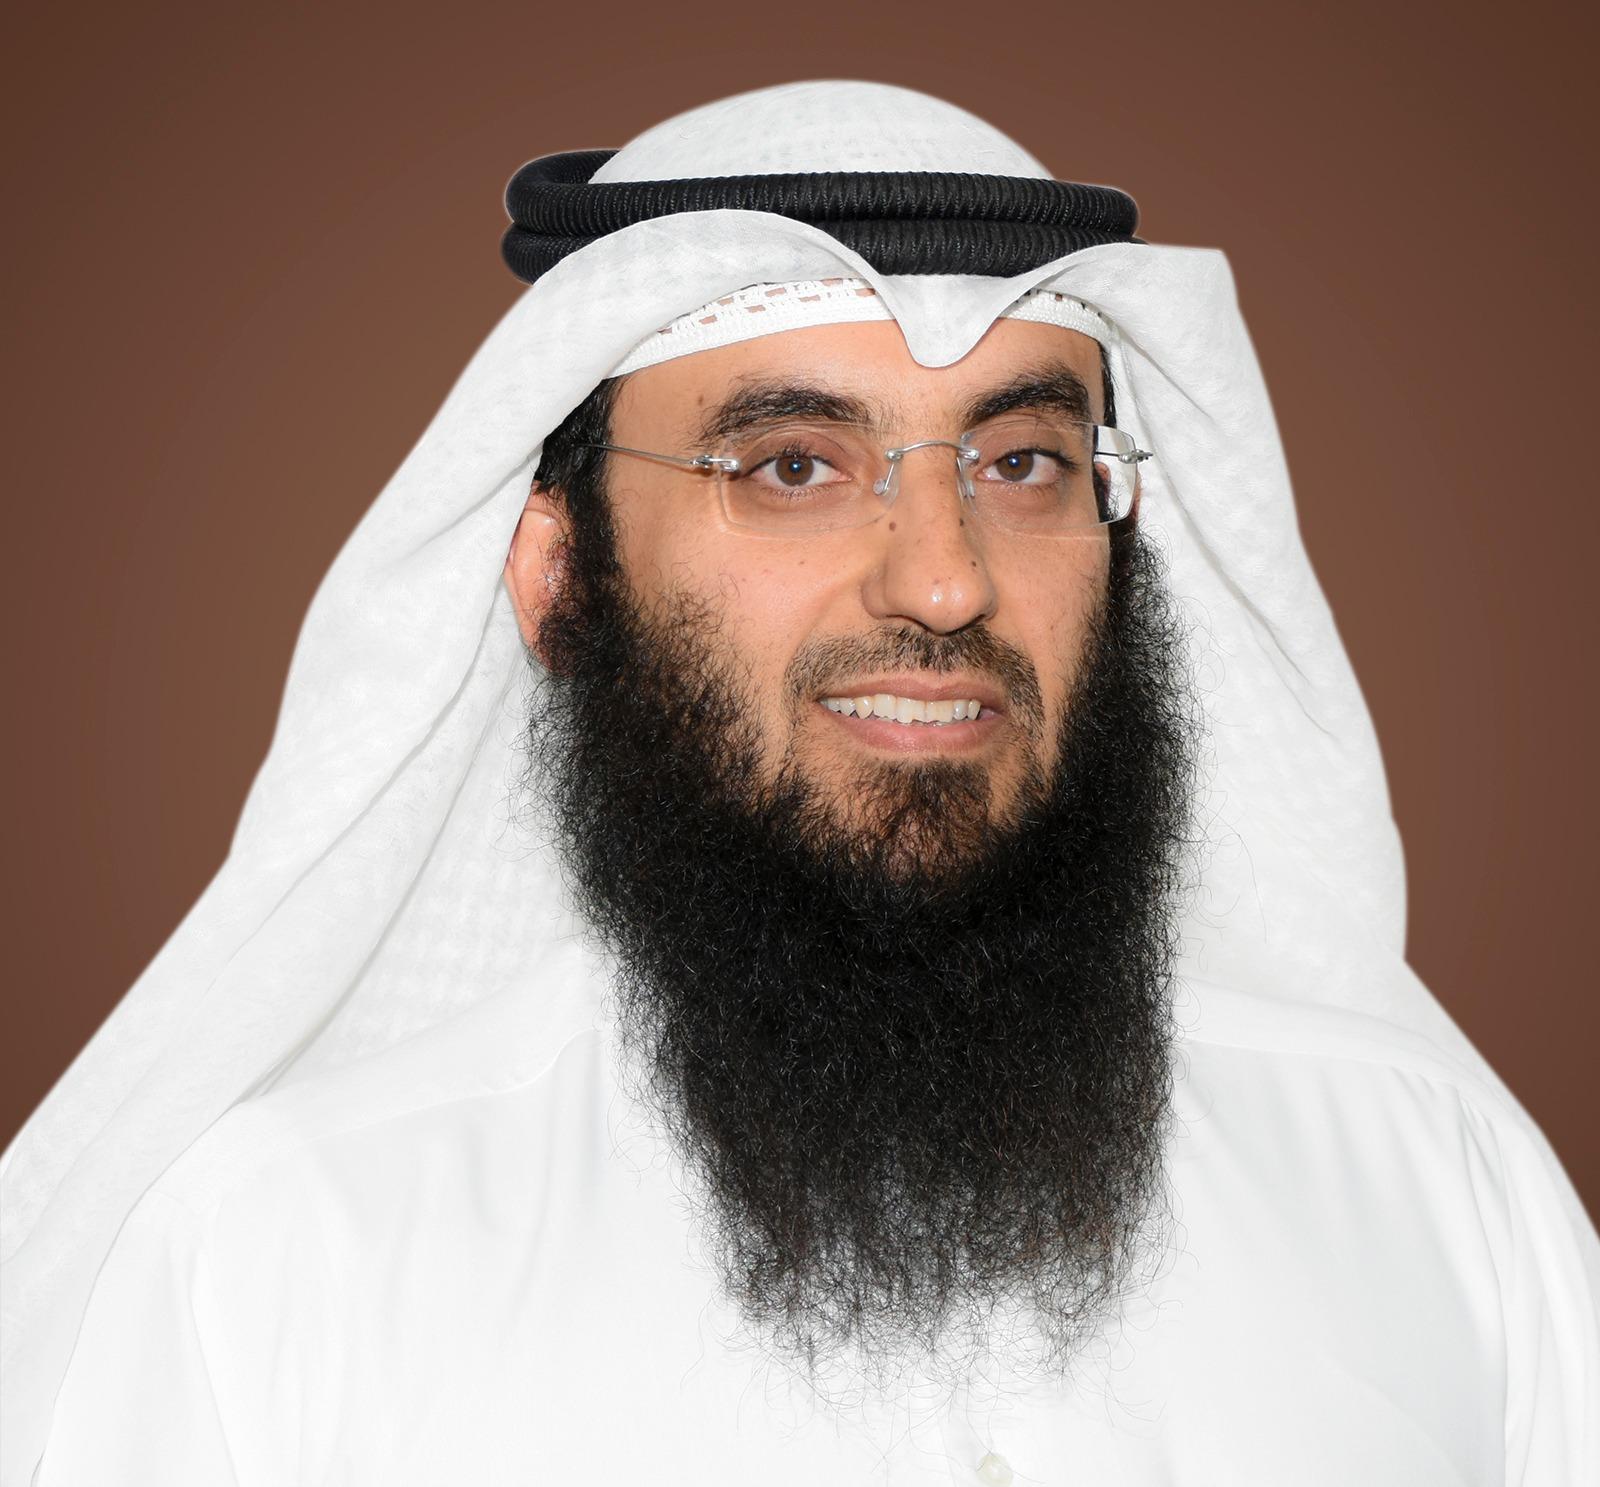 عمر الكندري؛ رئيس قسم الحلقات بإدارة ورتل